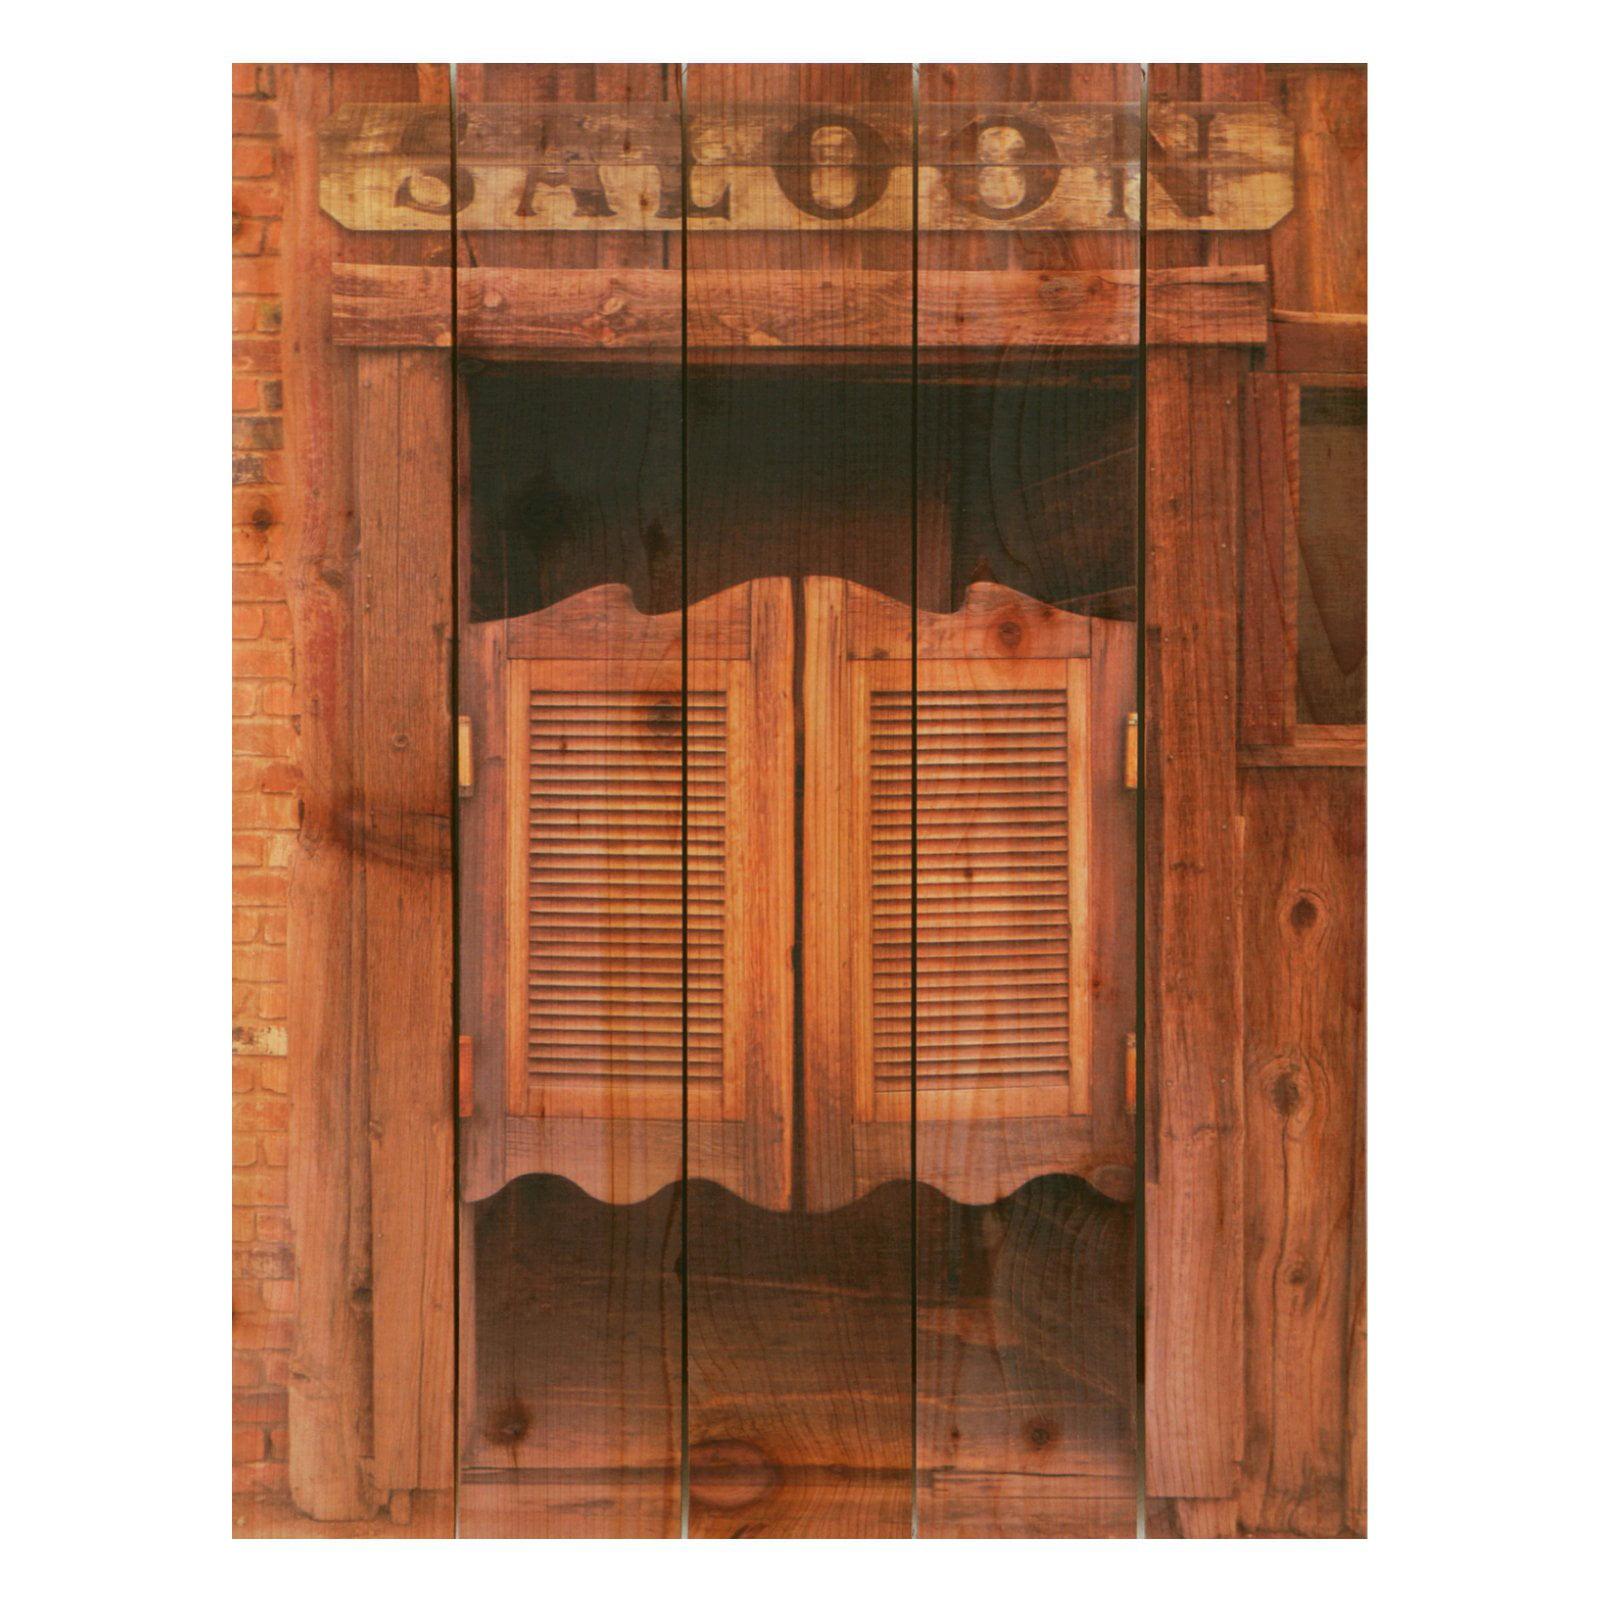 Gizaun Art Saloon Door Indoor/Outdoor Full Color Cedar Wall Art